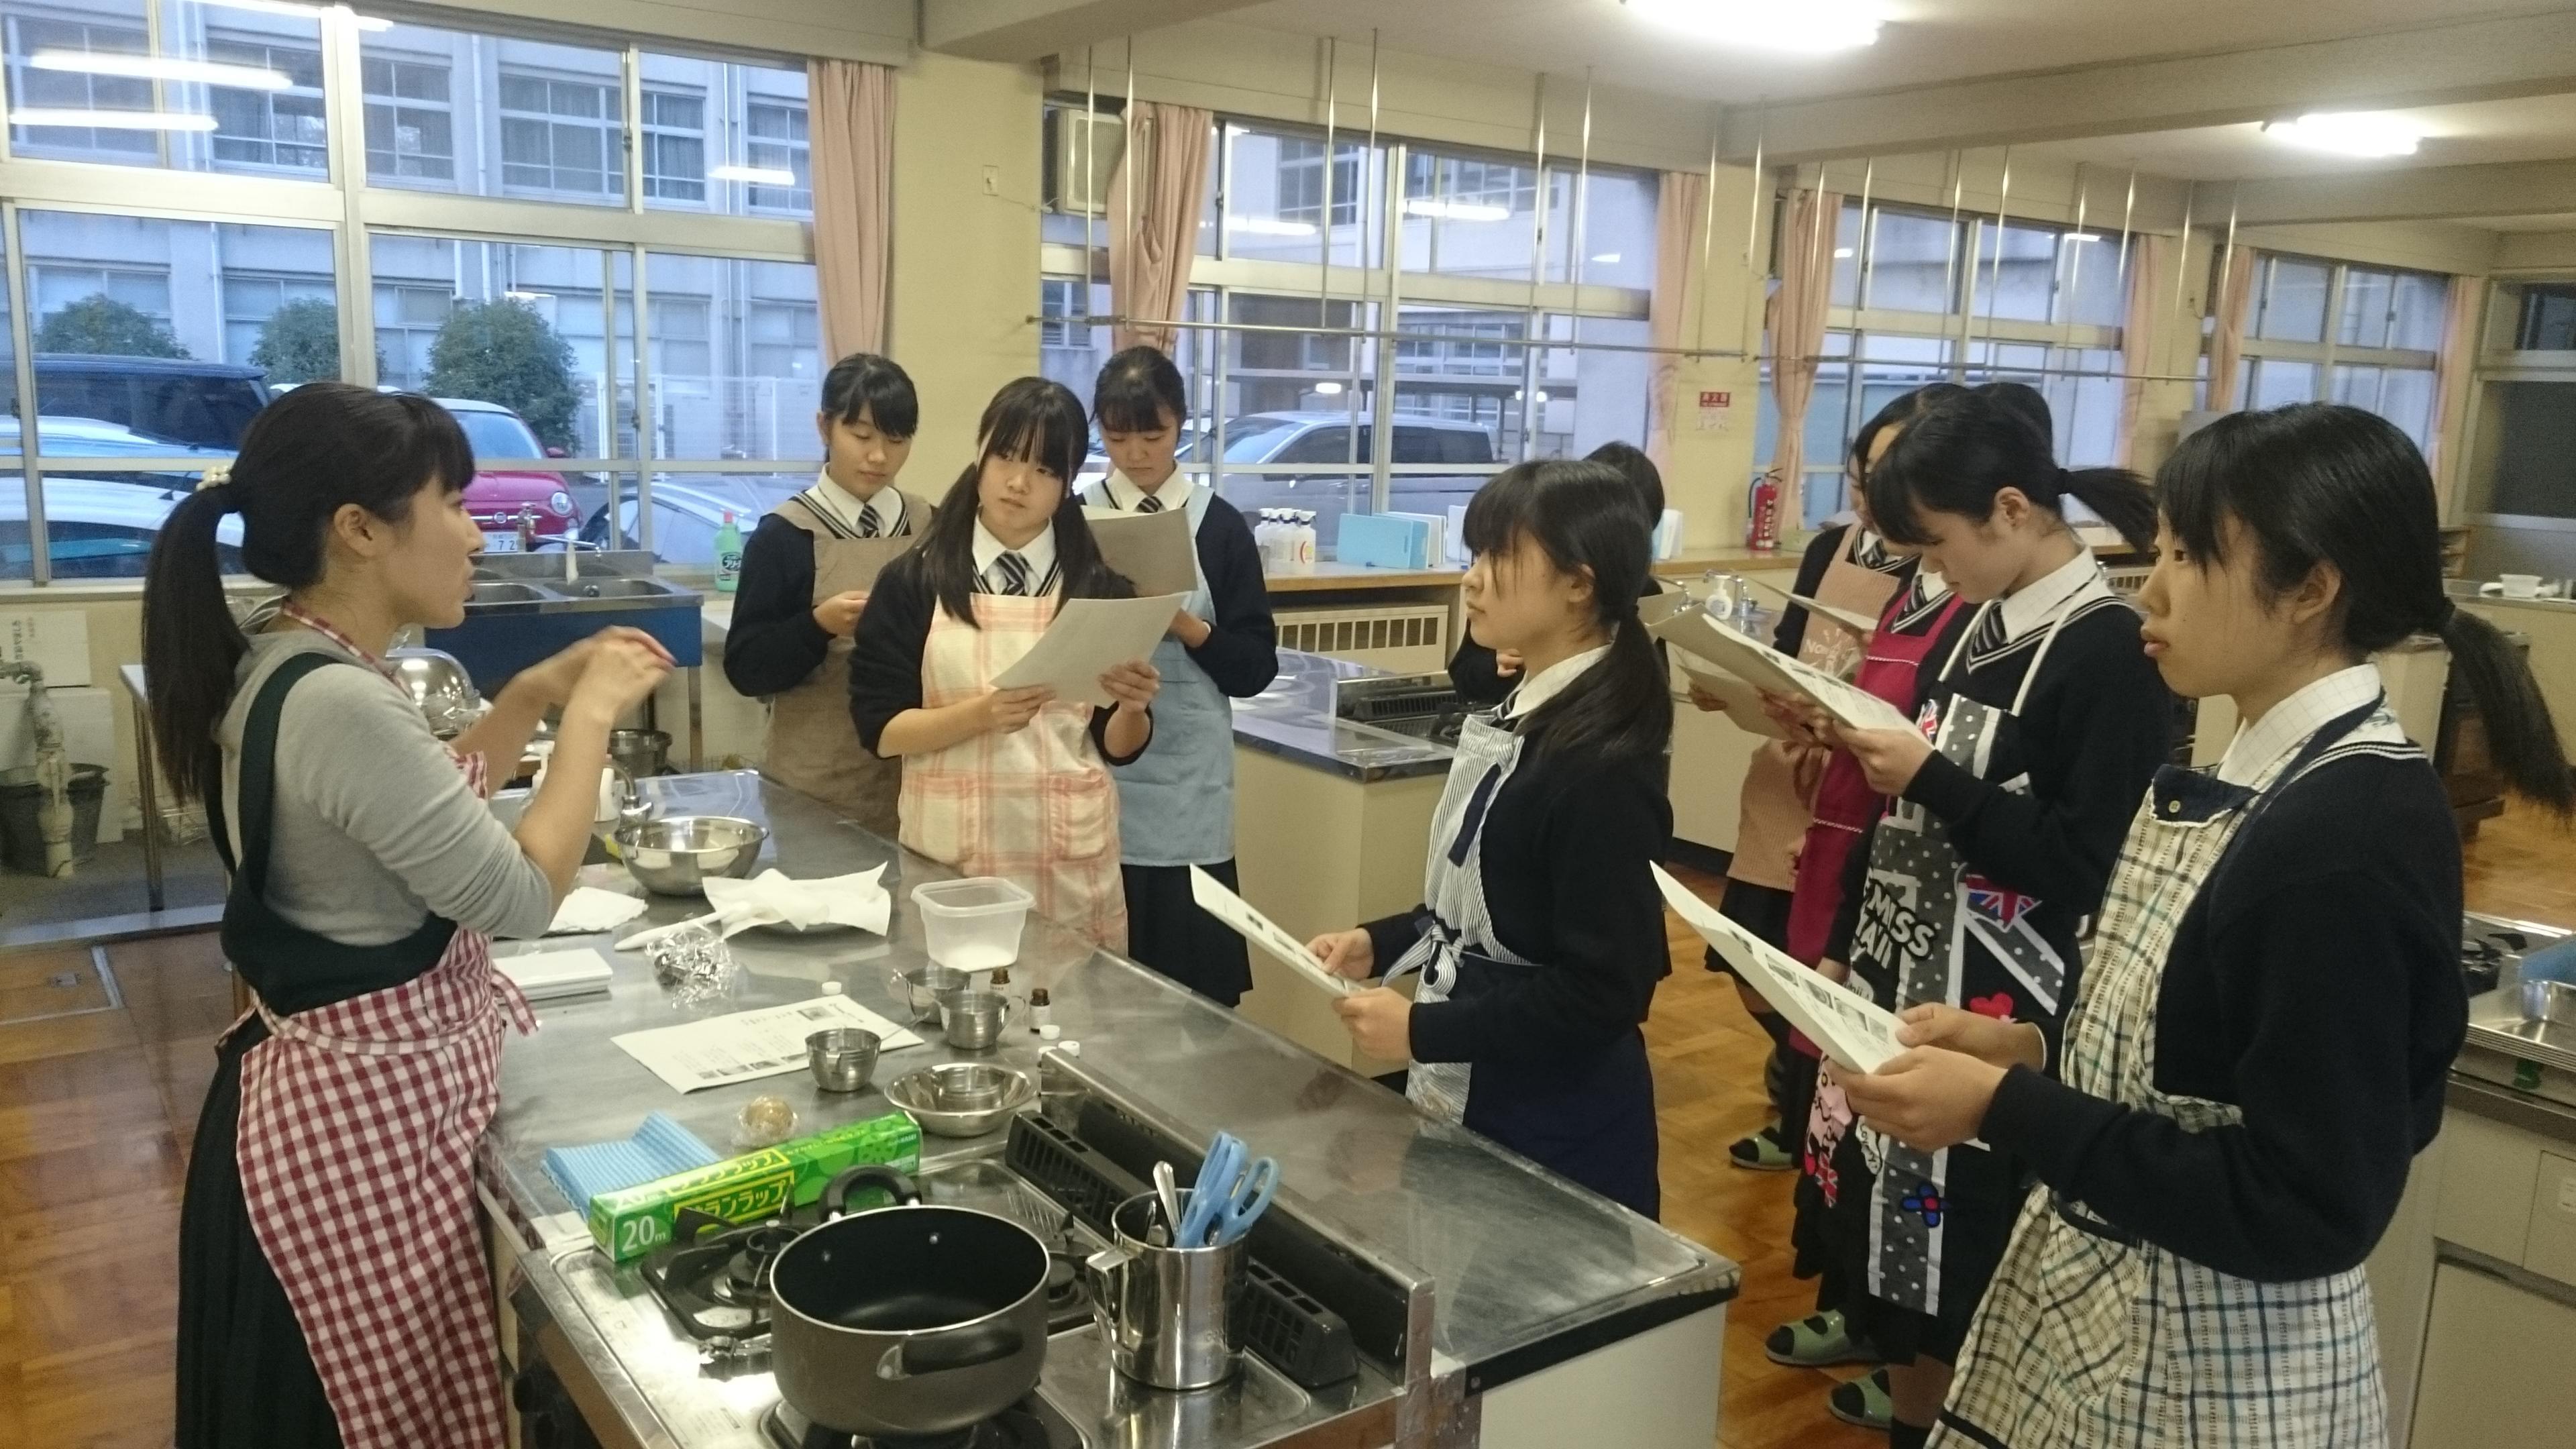 http://www.kyoto-be.ne.jp/nishijyouyou-hs/mt/club/images/DSC_1029.JPG